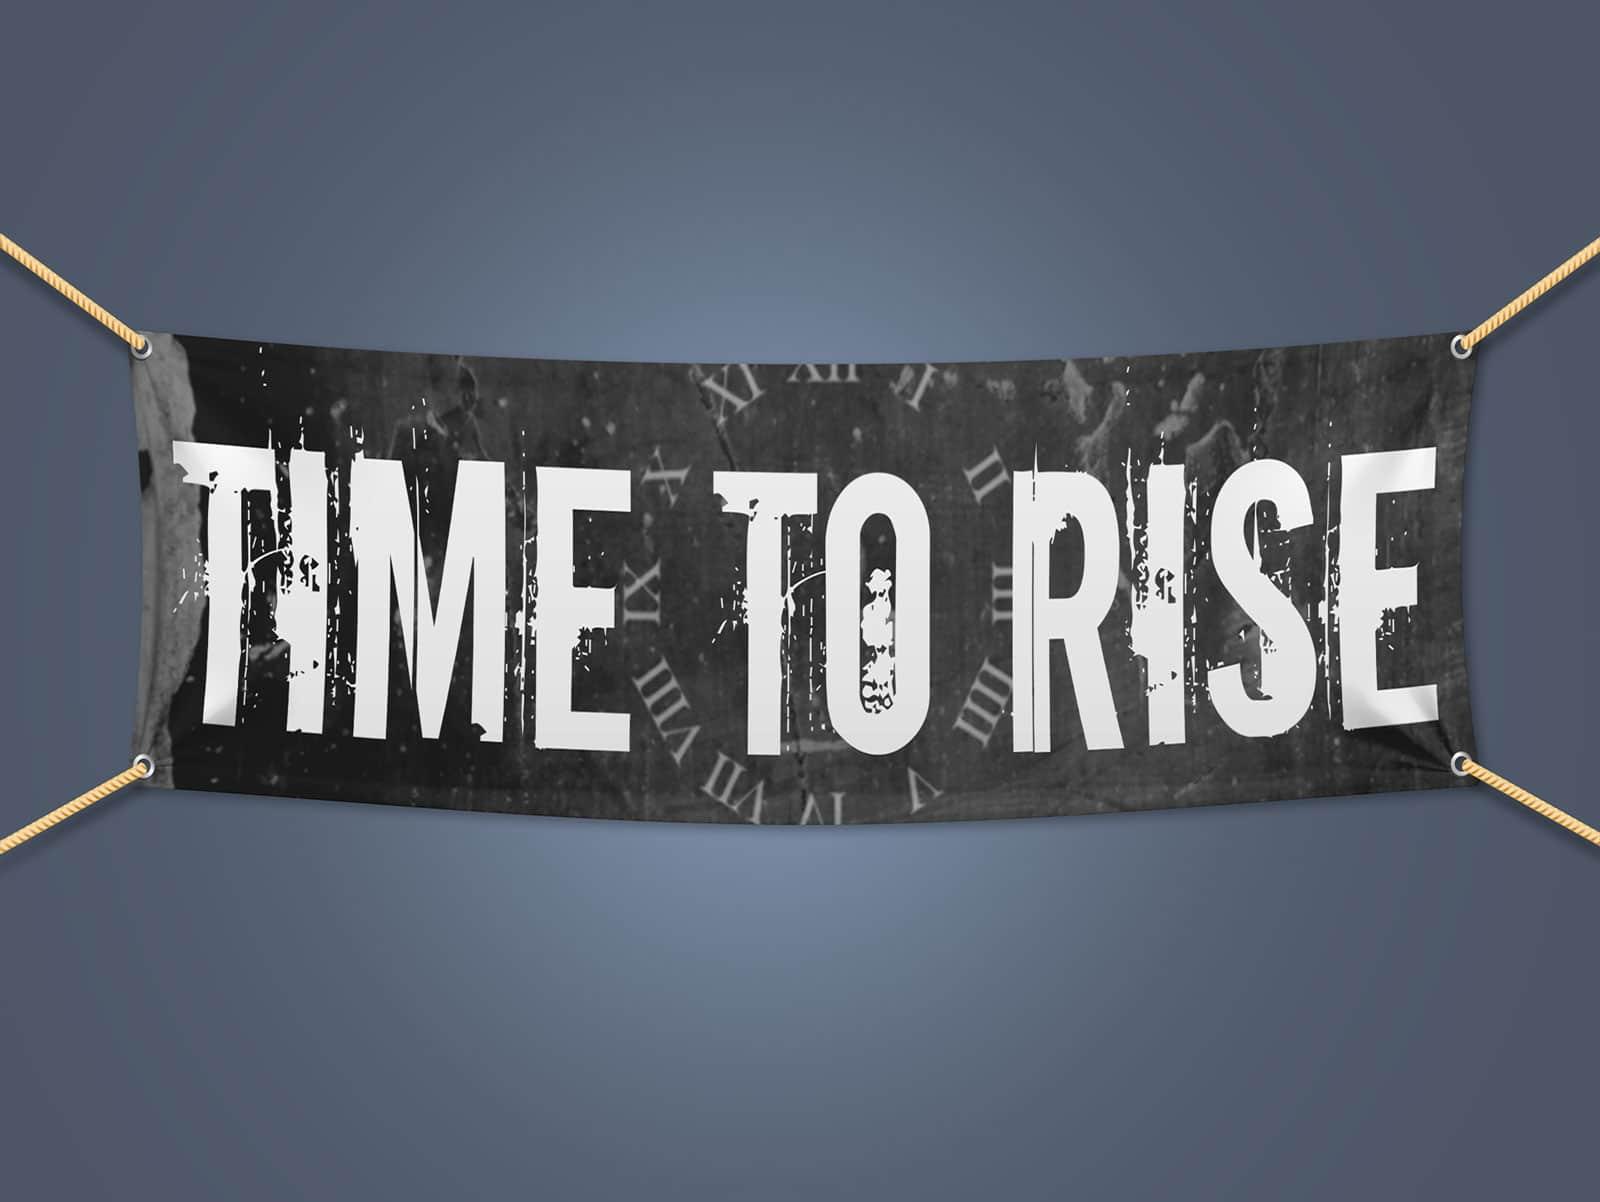 time-to-rise-musikband-nuertingen-kirchheim-banner-liebespixel-print-druck